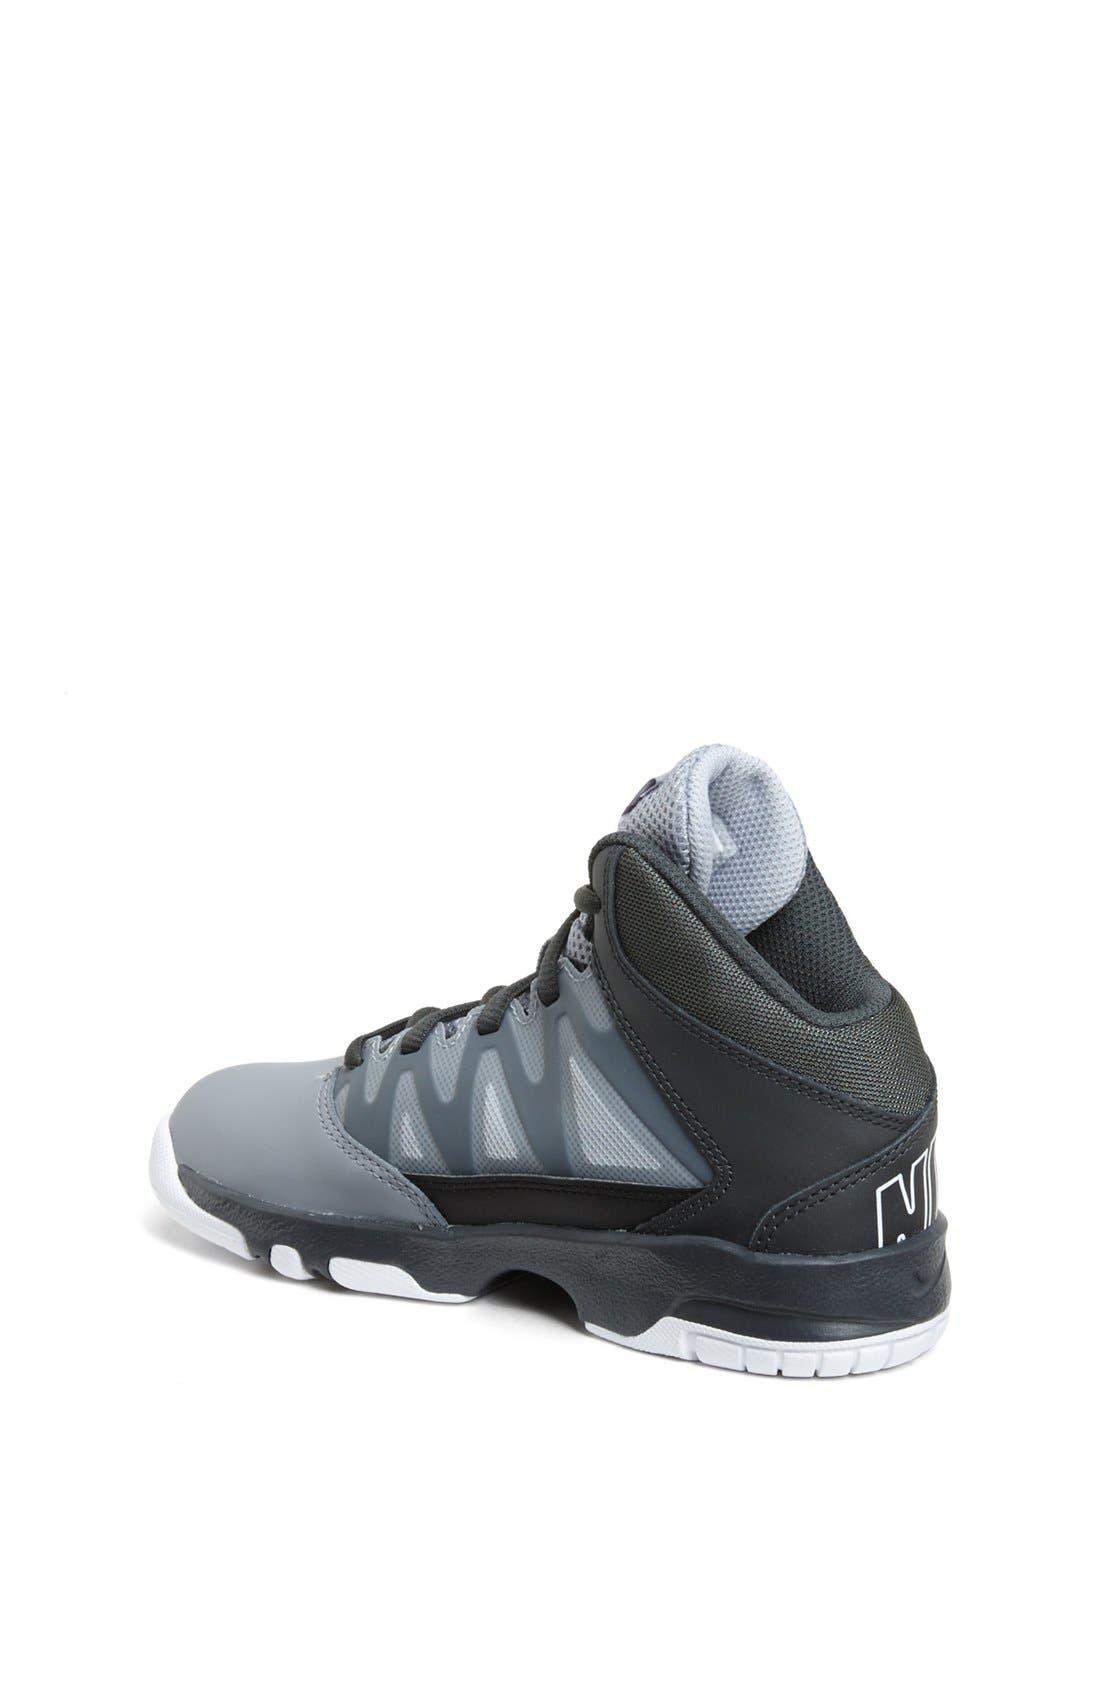 Alternate Image 2  - Nike 'Stutter Step' Basketball Shoe (Toddler & Little Kid)